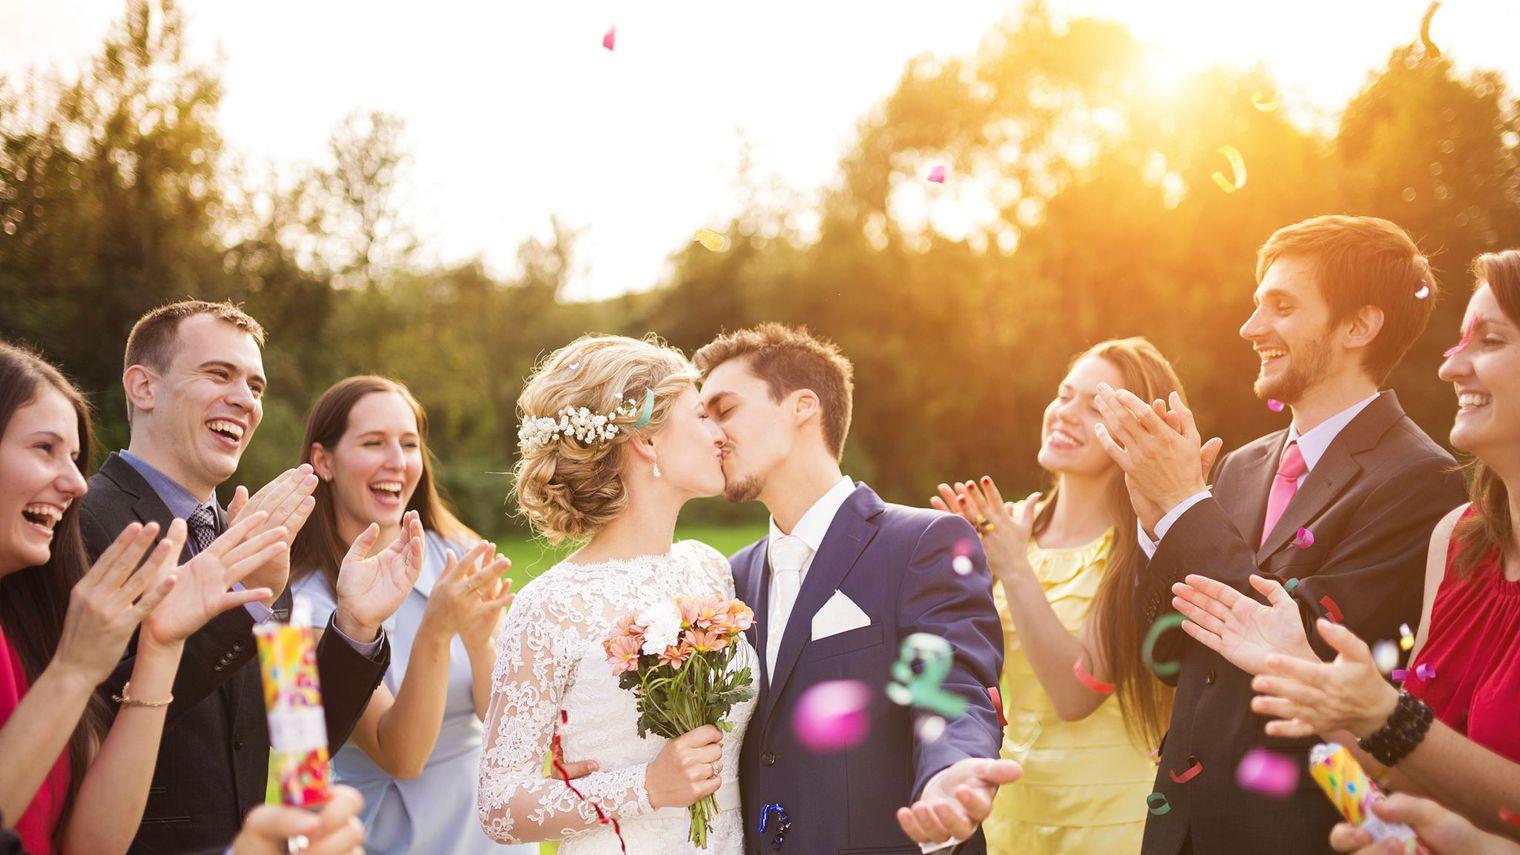 combien donner à un mariage